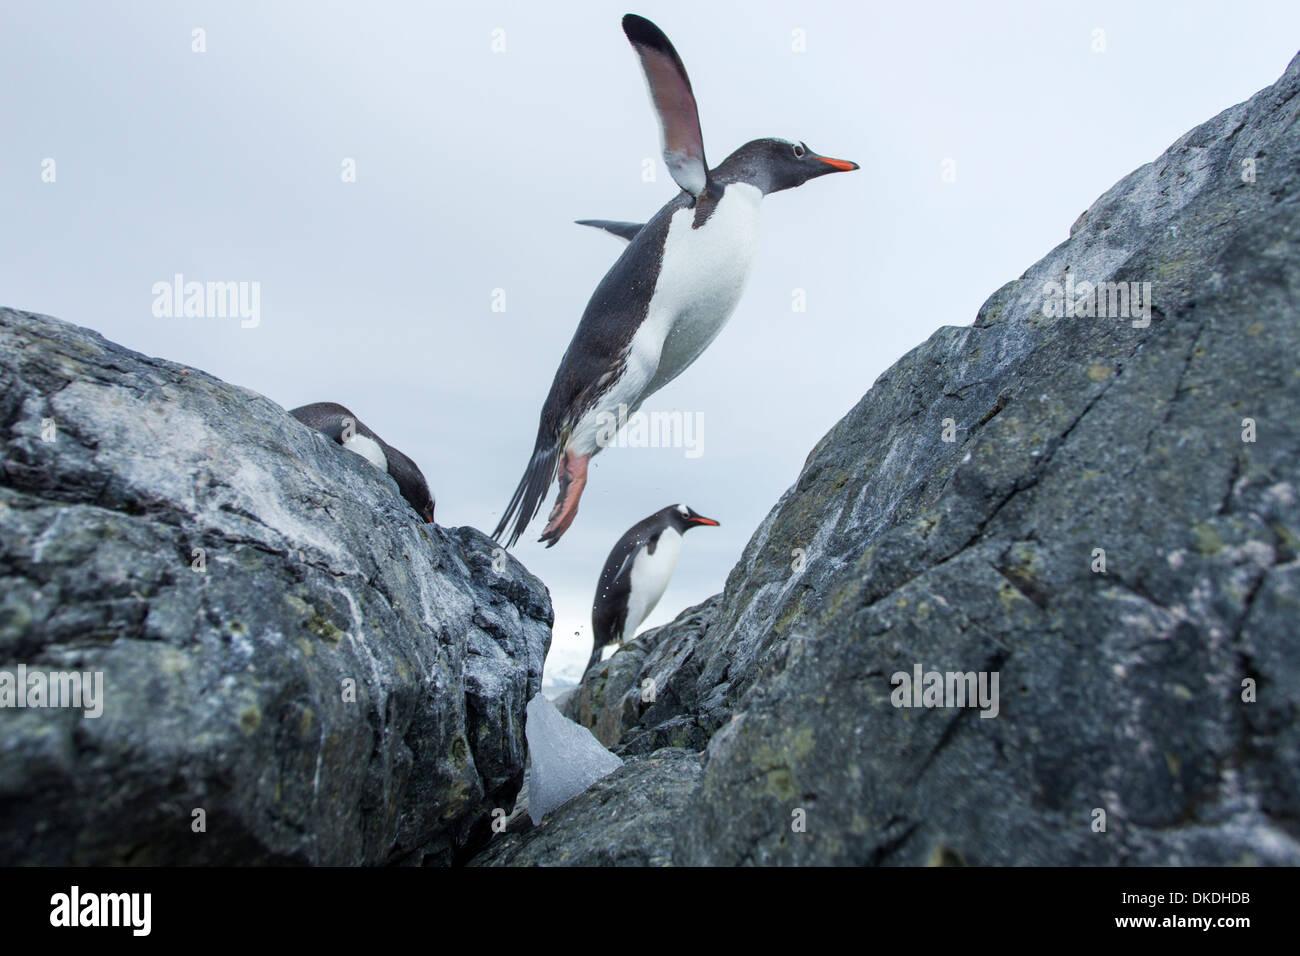 L'Antarctique, l'île de Cuverville, Gentoo pingouin (Pygoscelis papua) sautant de l'eau sur côte rocheuse Photo Stock